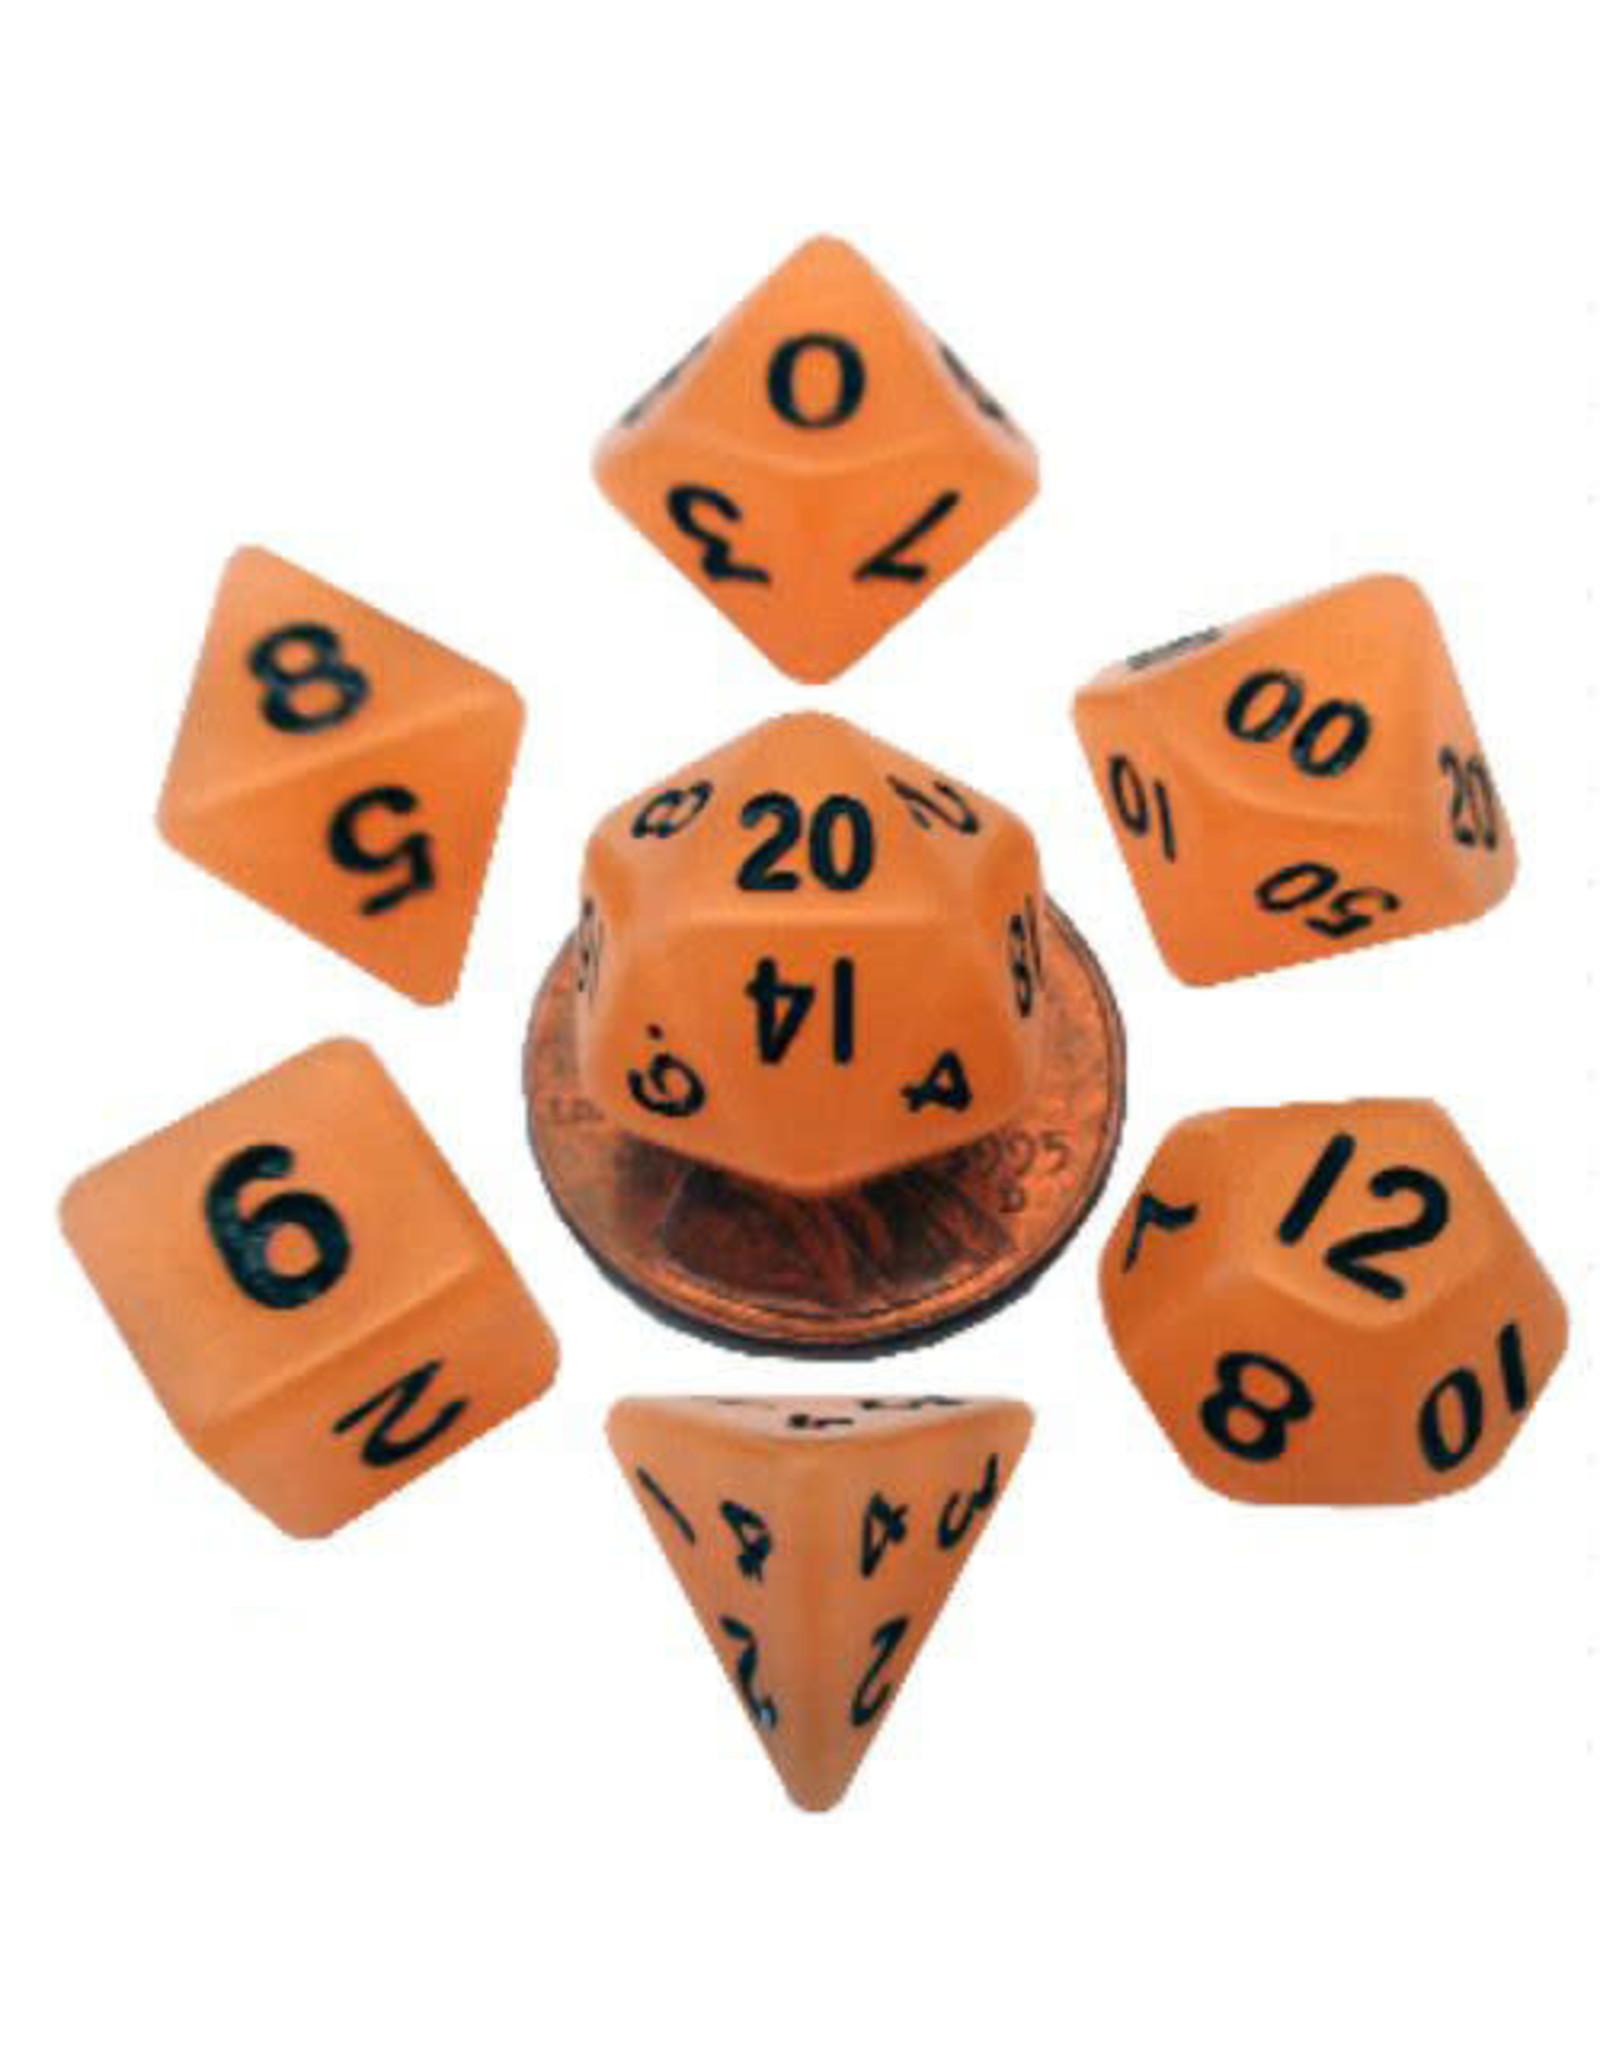 Metallic Dice Games 16mm Polyhedral Dice Set Glow Orange